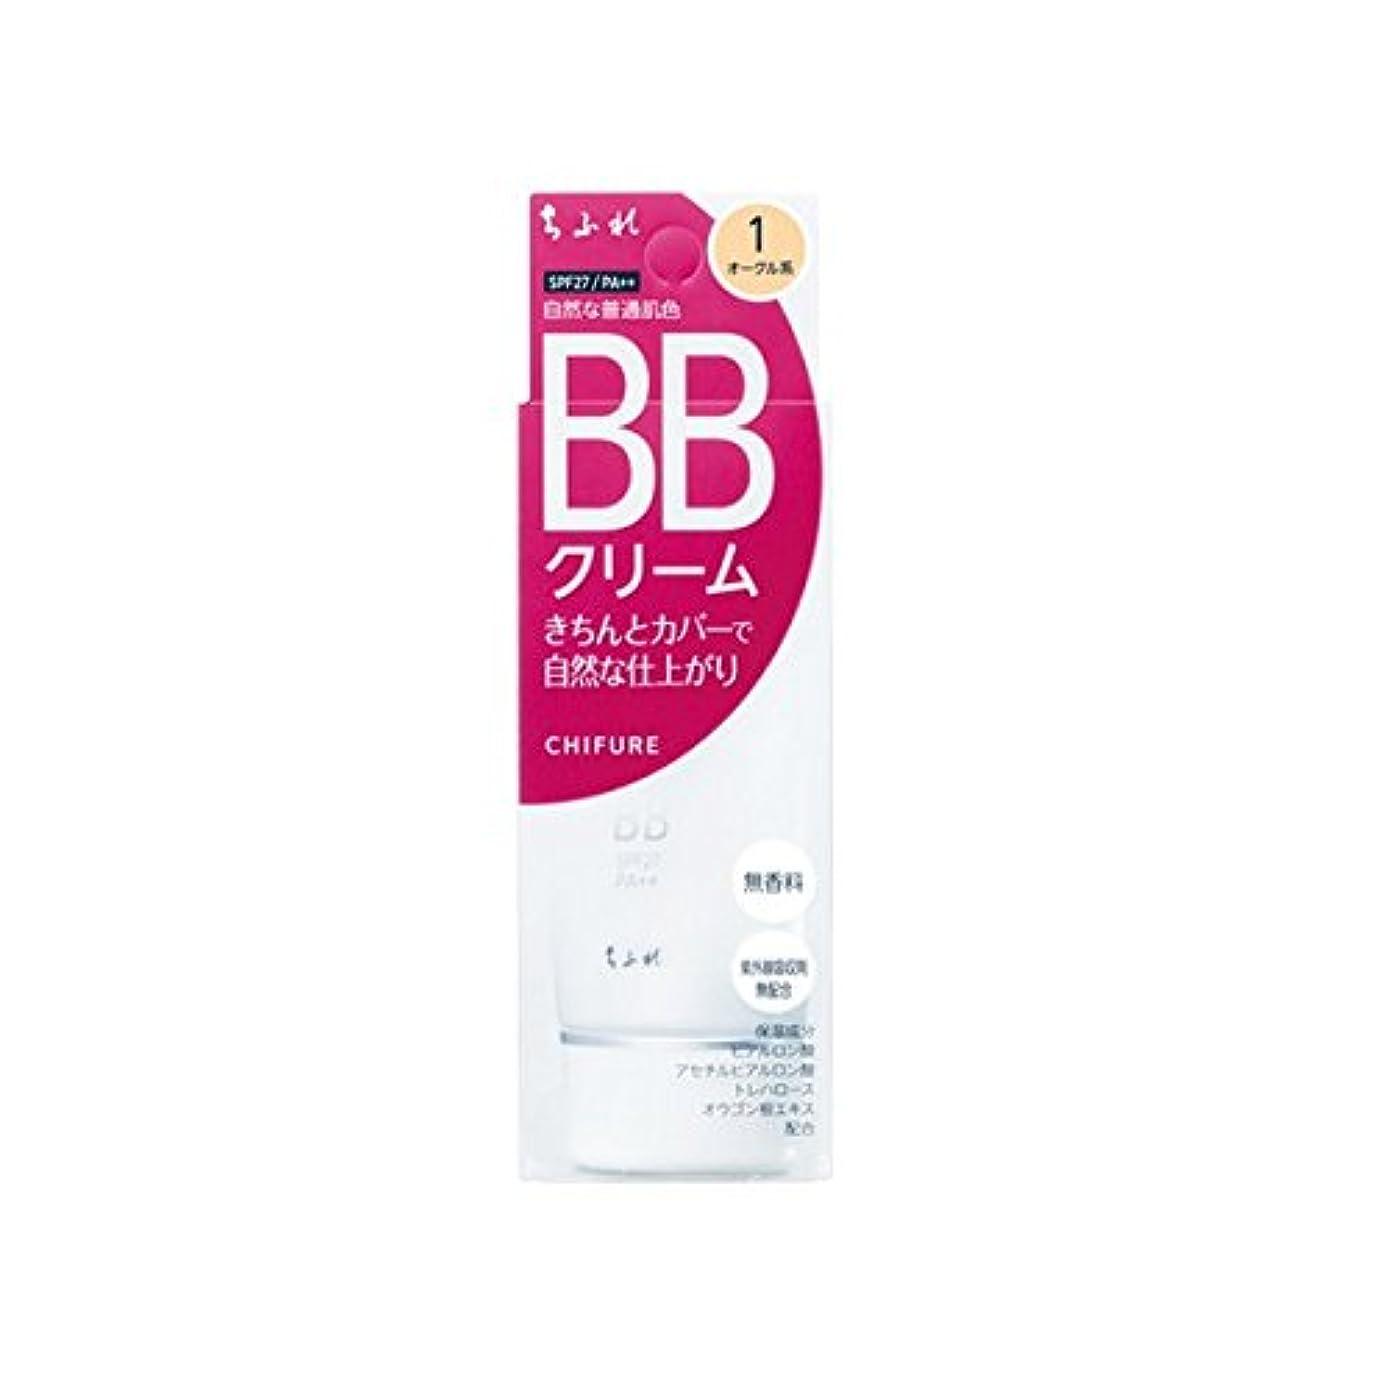 居間いたずらな実験室ちふれ化粧品 BB クリーム 1 自然な普通肌色 BBクリーム 1